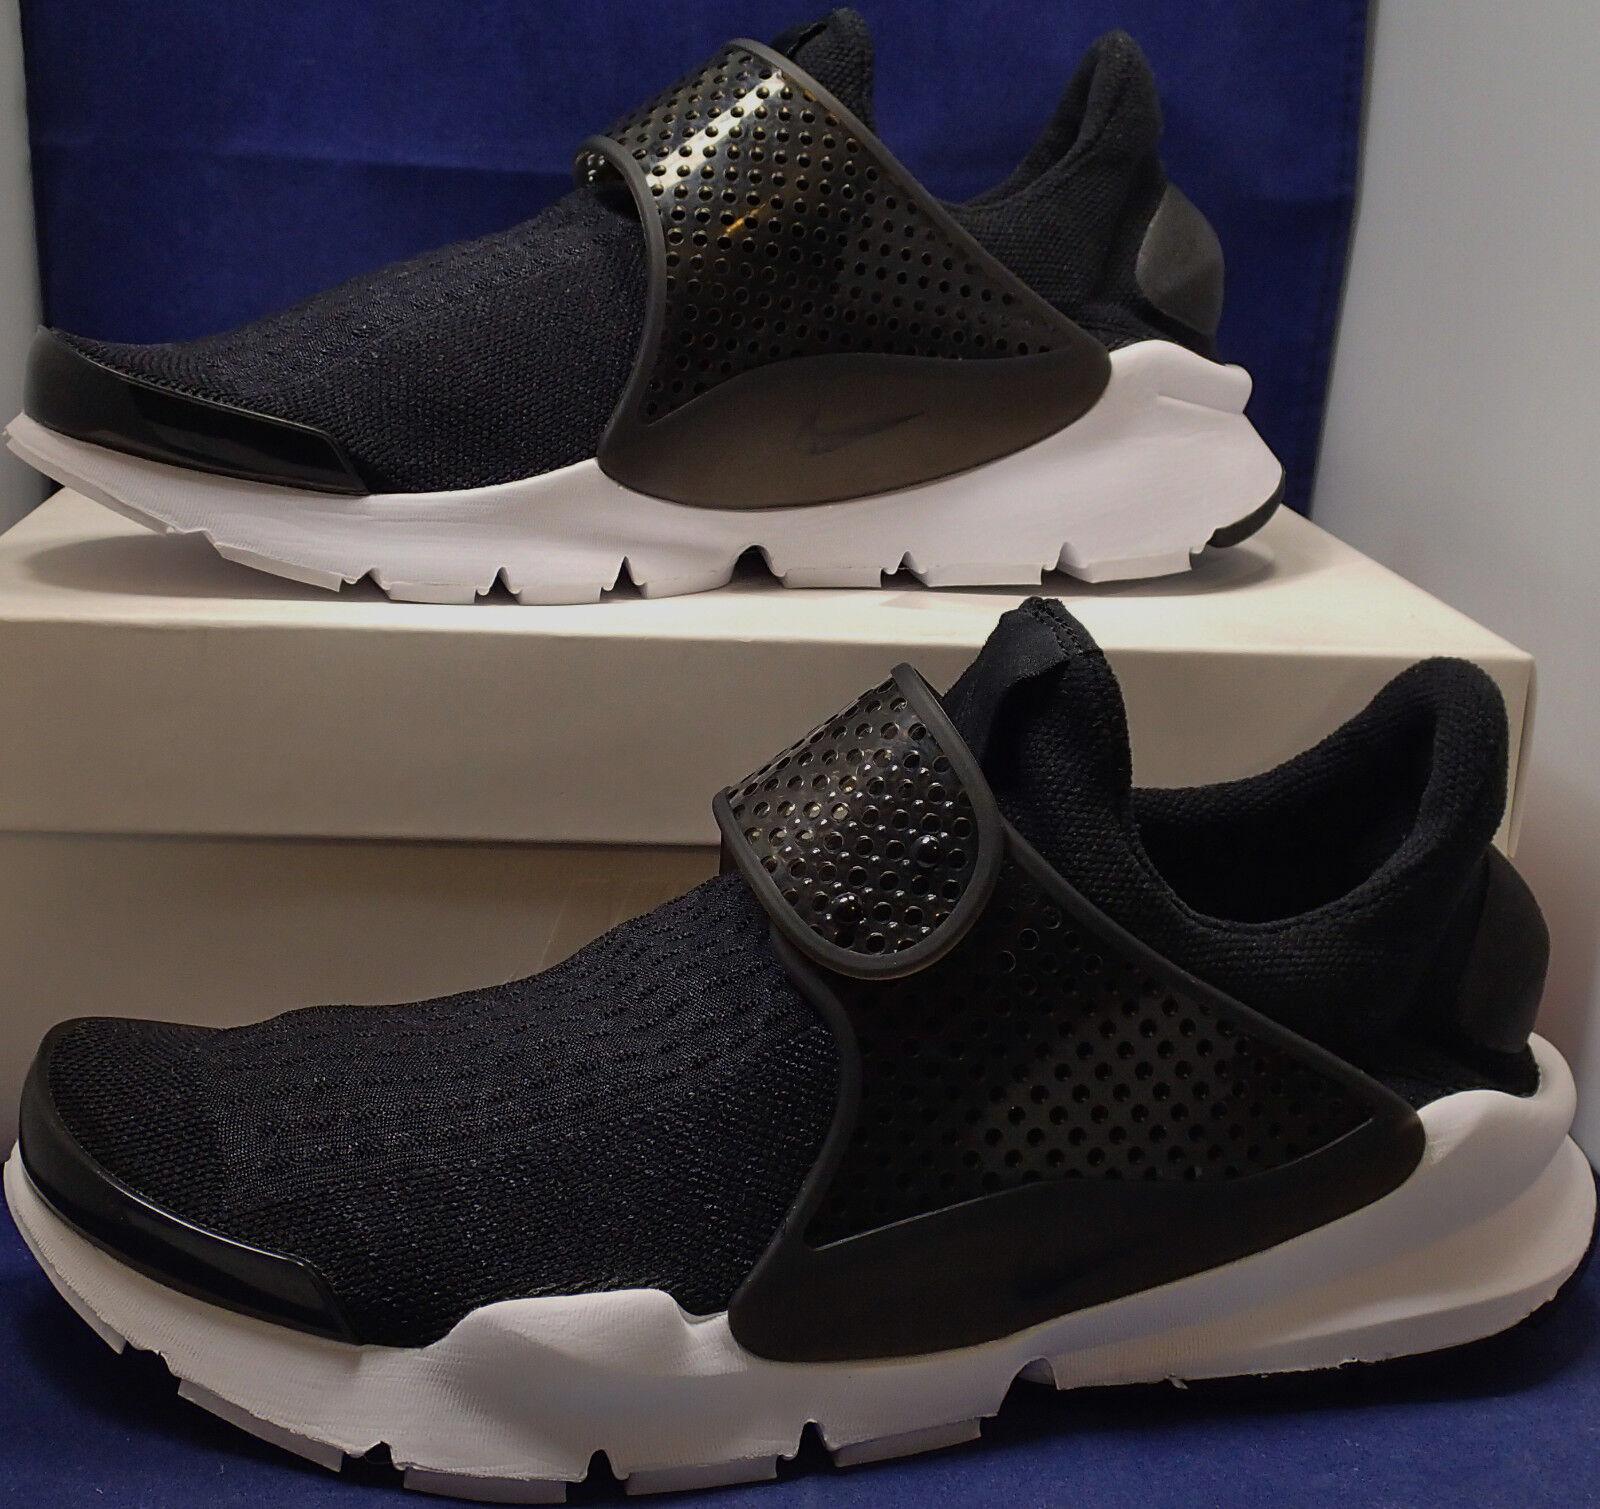 Nike Sock Dart iD Black White SZ 10 ( 880957-991 )